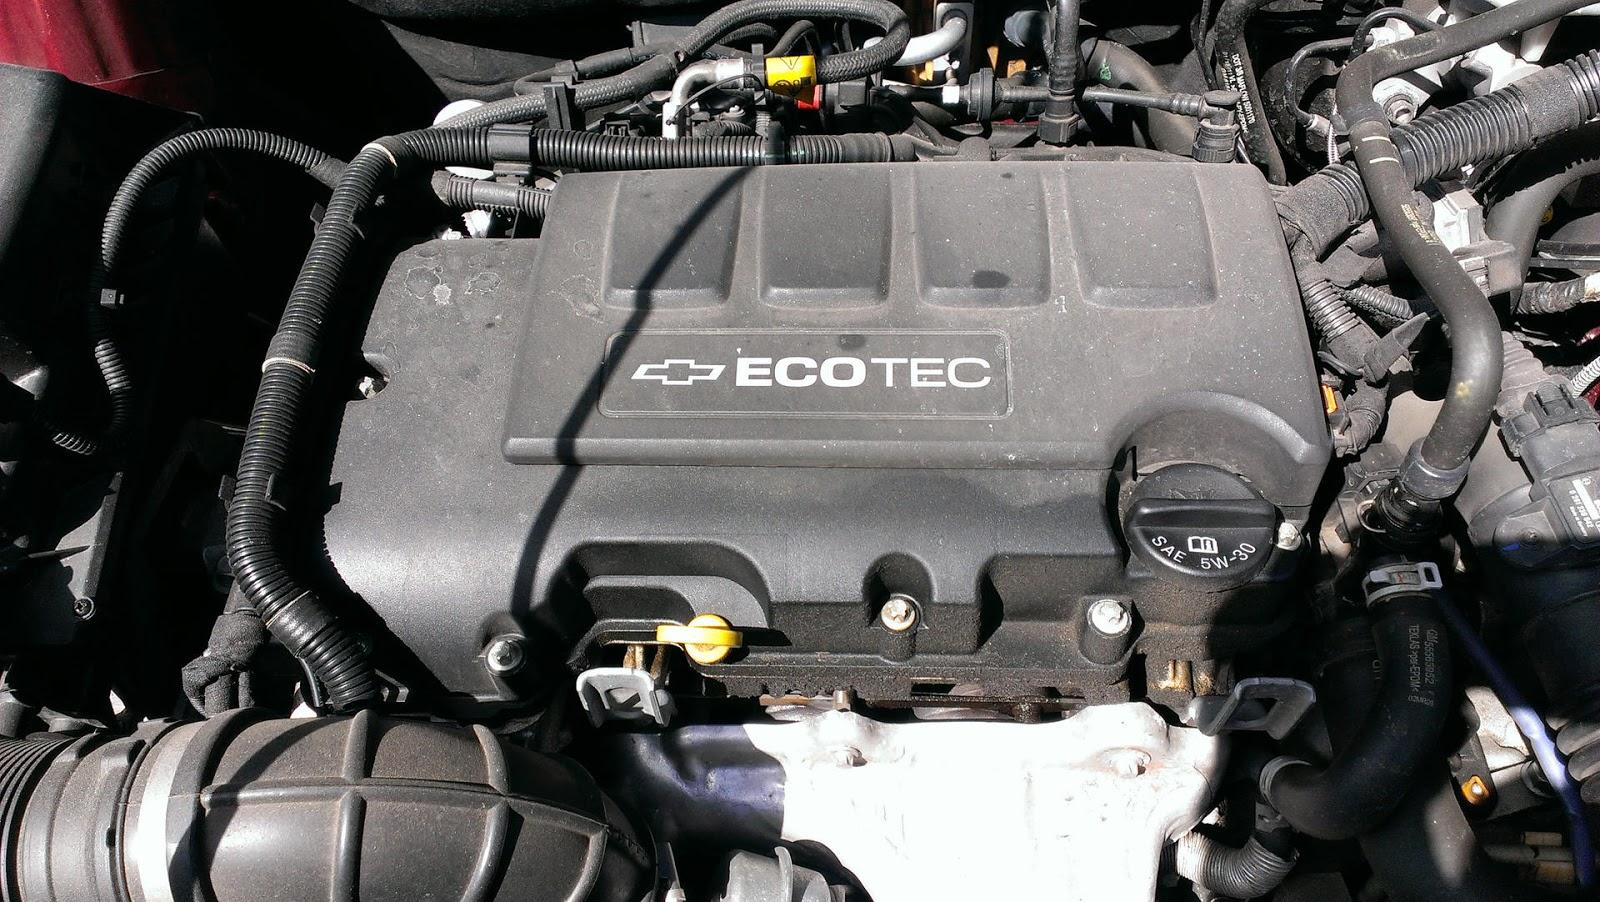 P0171 CHEVROLET – Fuel Trim System Lean Bank 1 - Cars-Fault